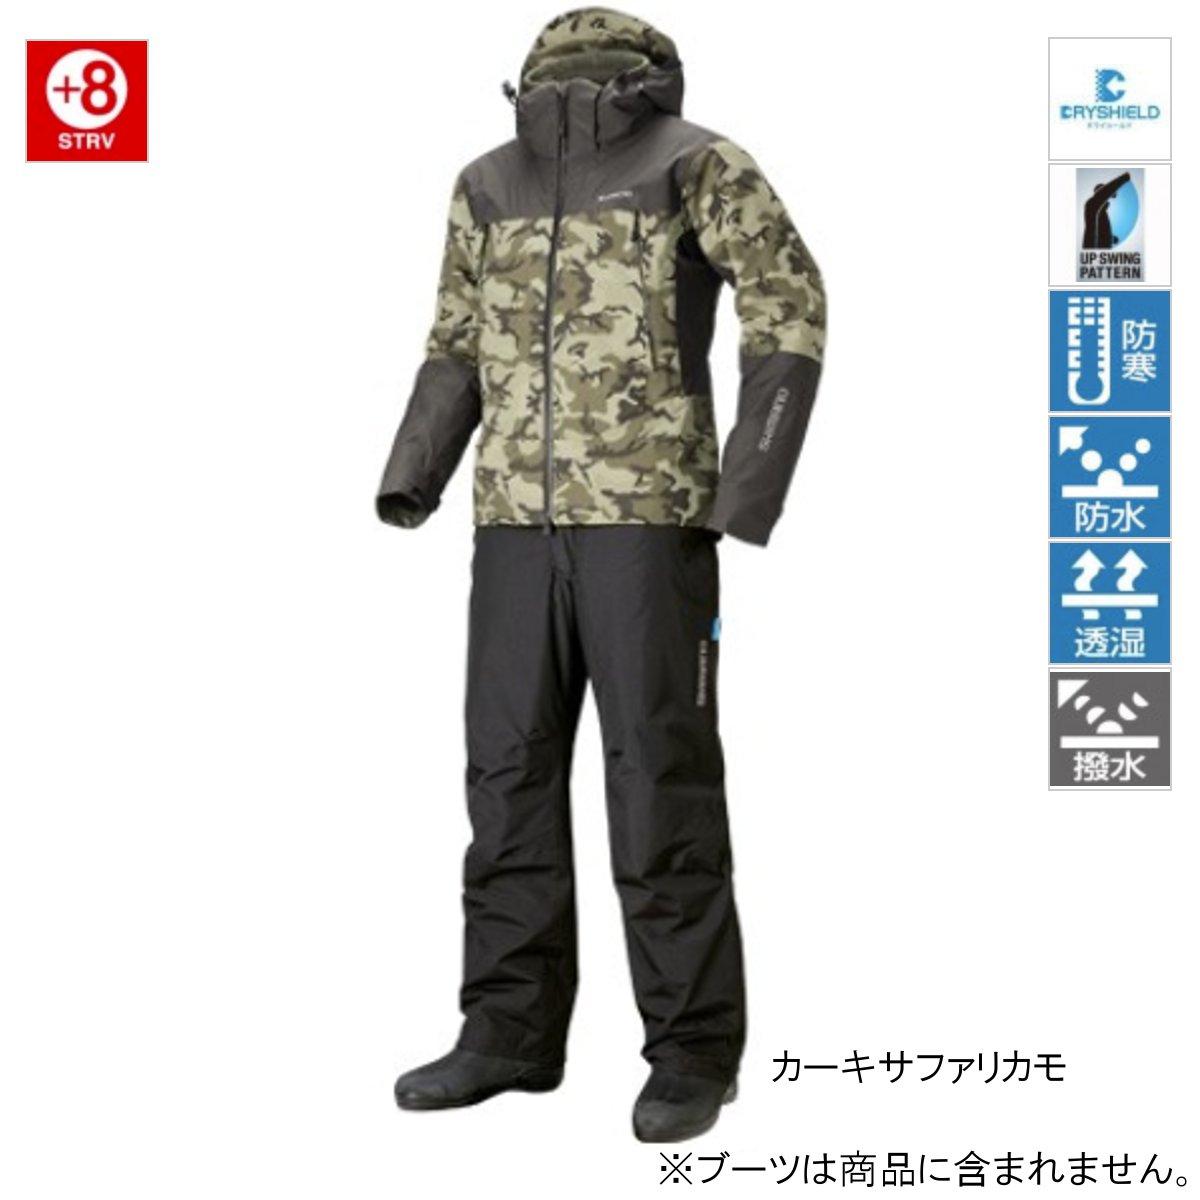 シマノ DSアドバンスウォームスーツ RB-025R XL カーキサファリカモ(東日本店)